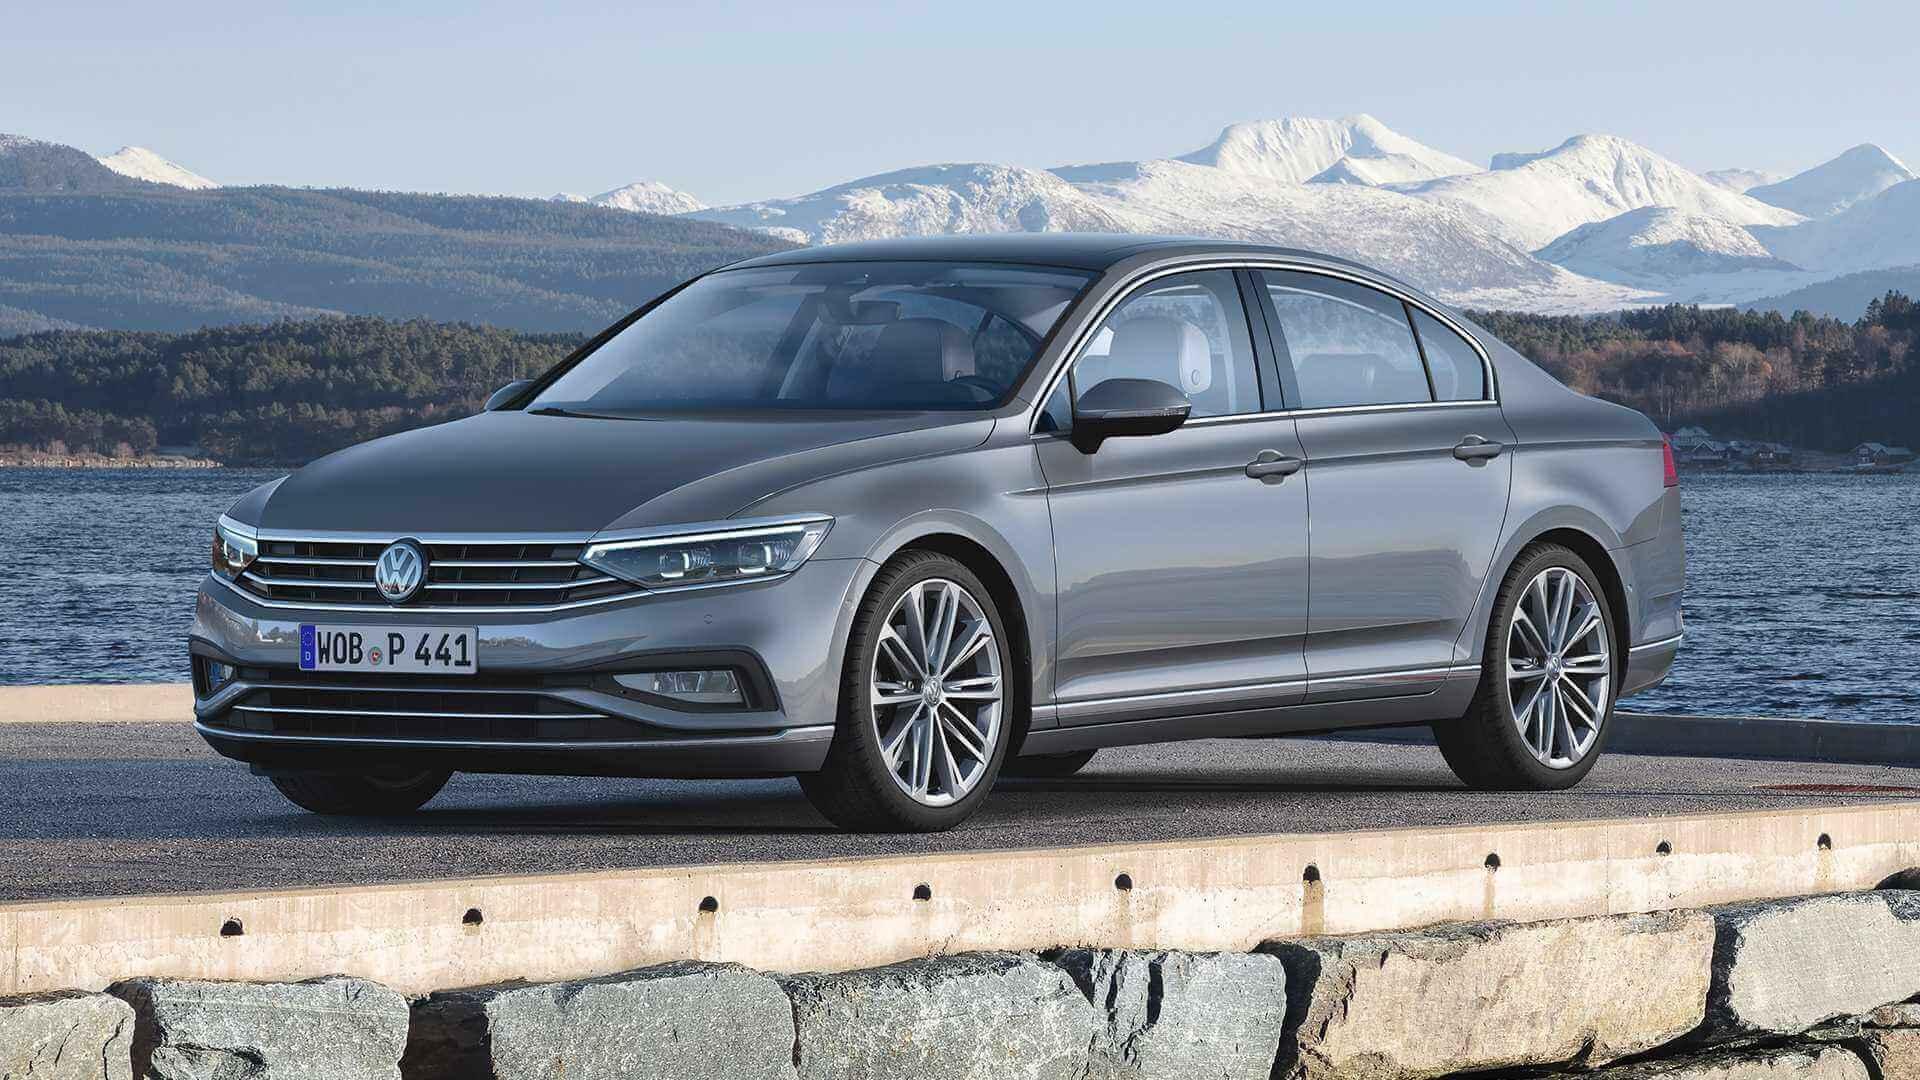 Volkswagen Passat, защита, угон, авто, кража